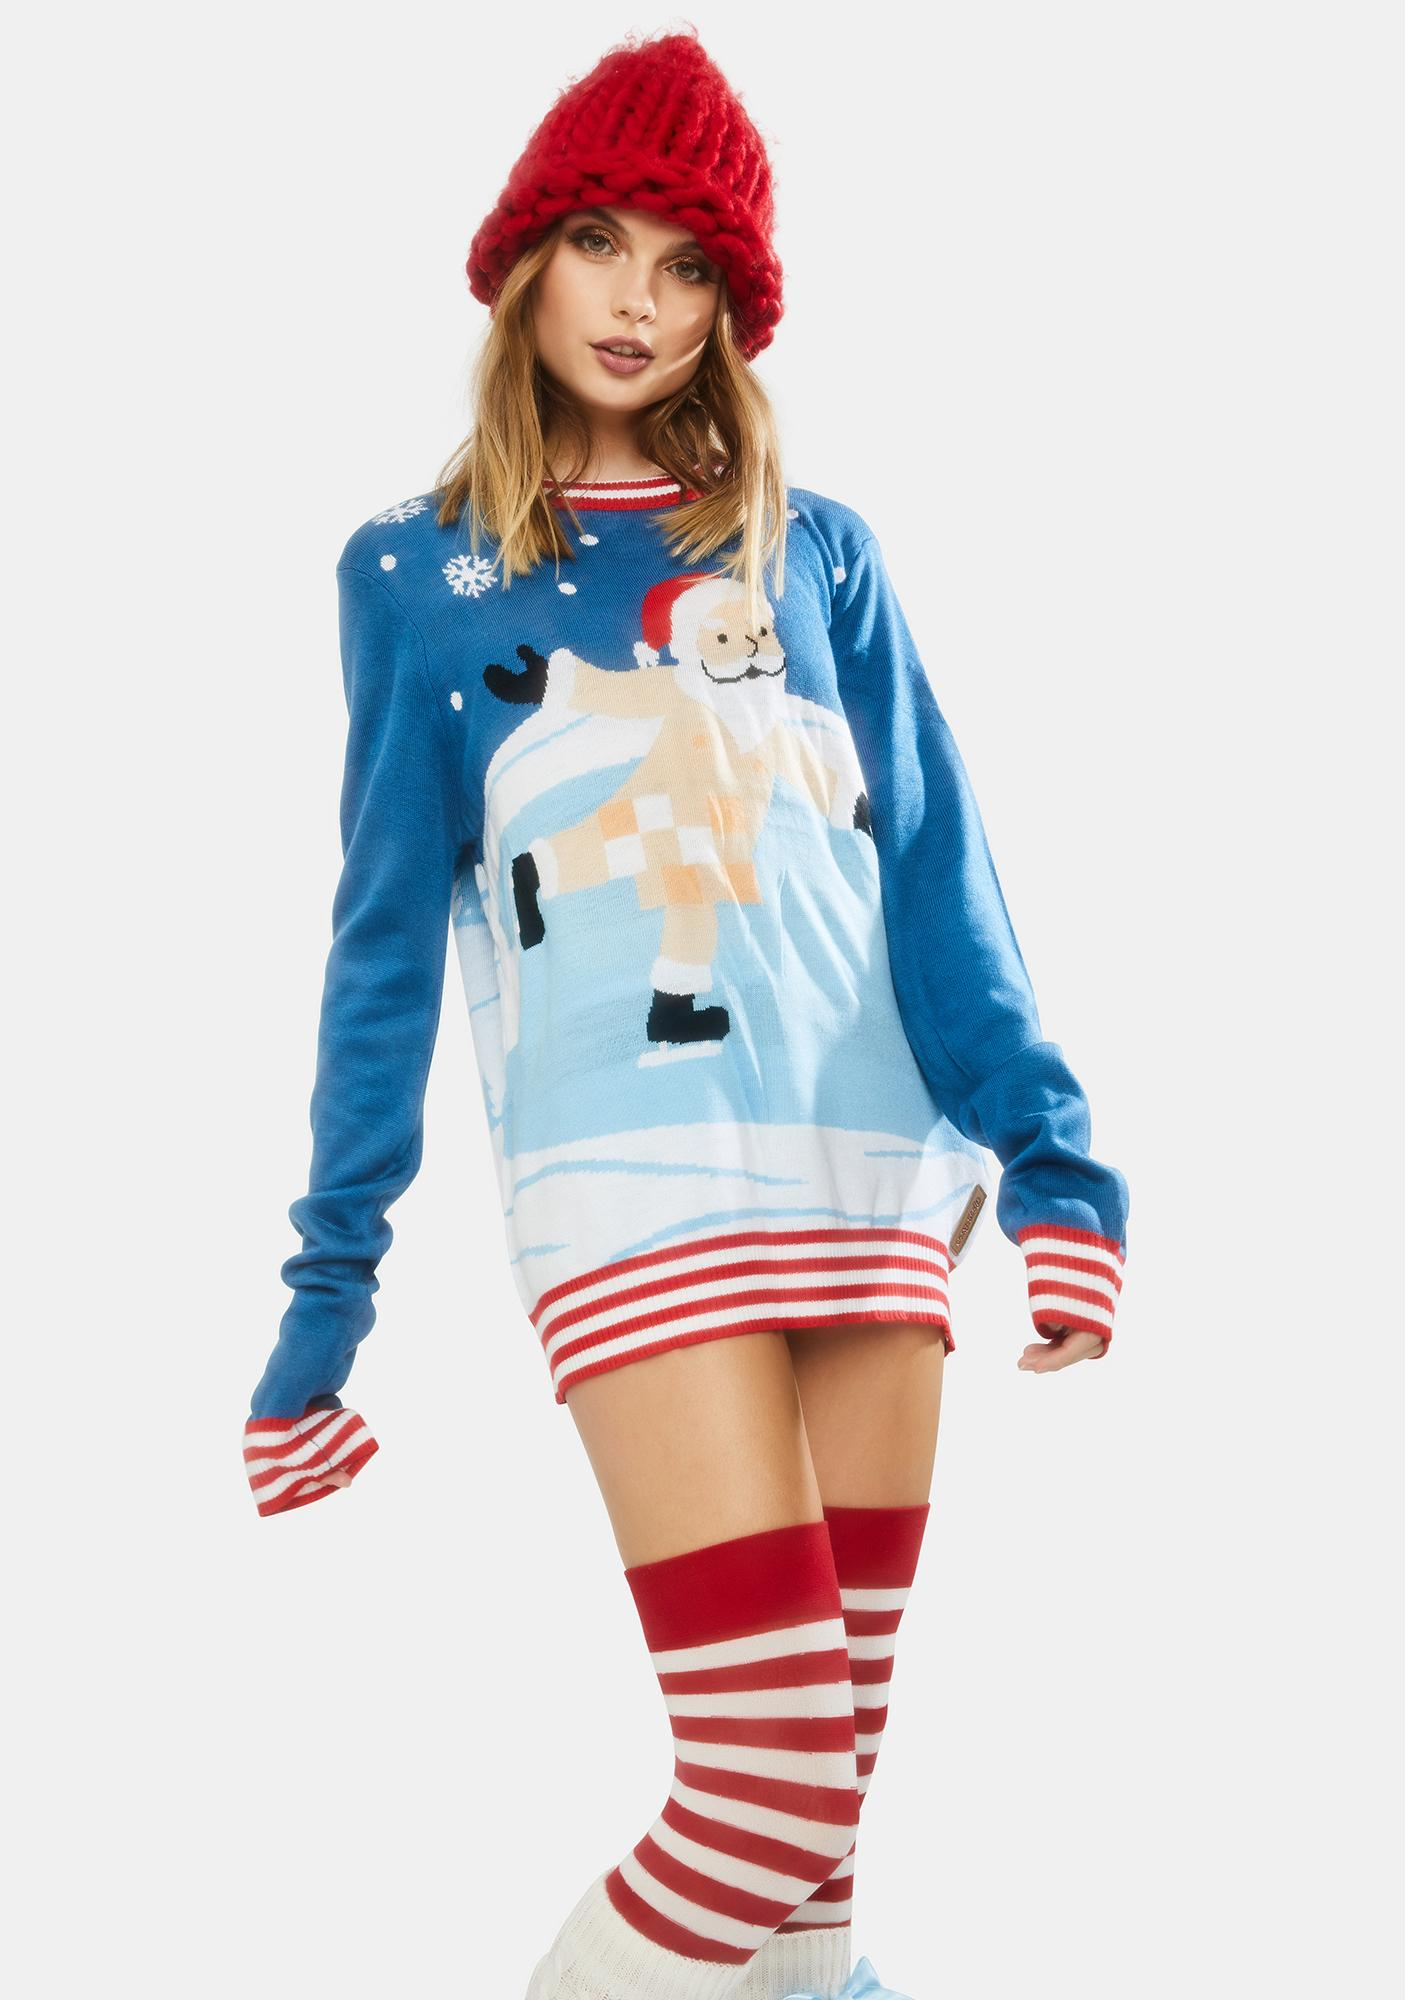 Tipsy Elves Censored Skater Ugly Christmas Sweater